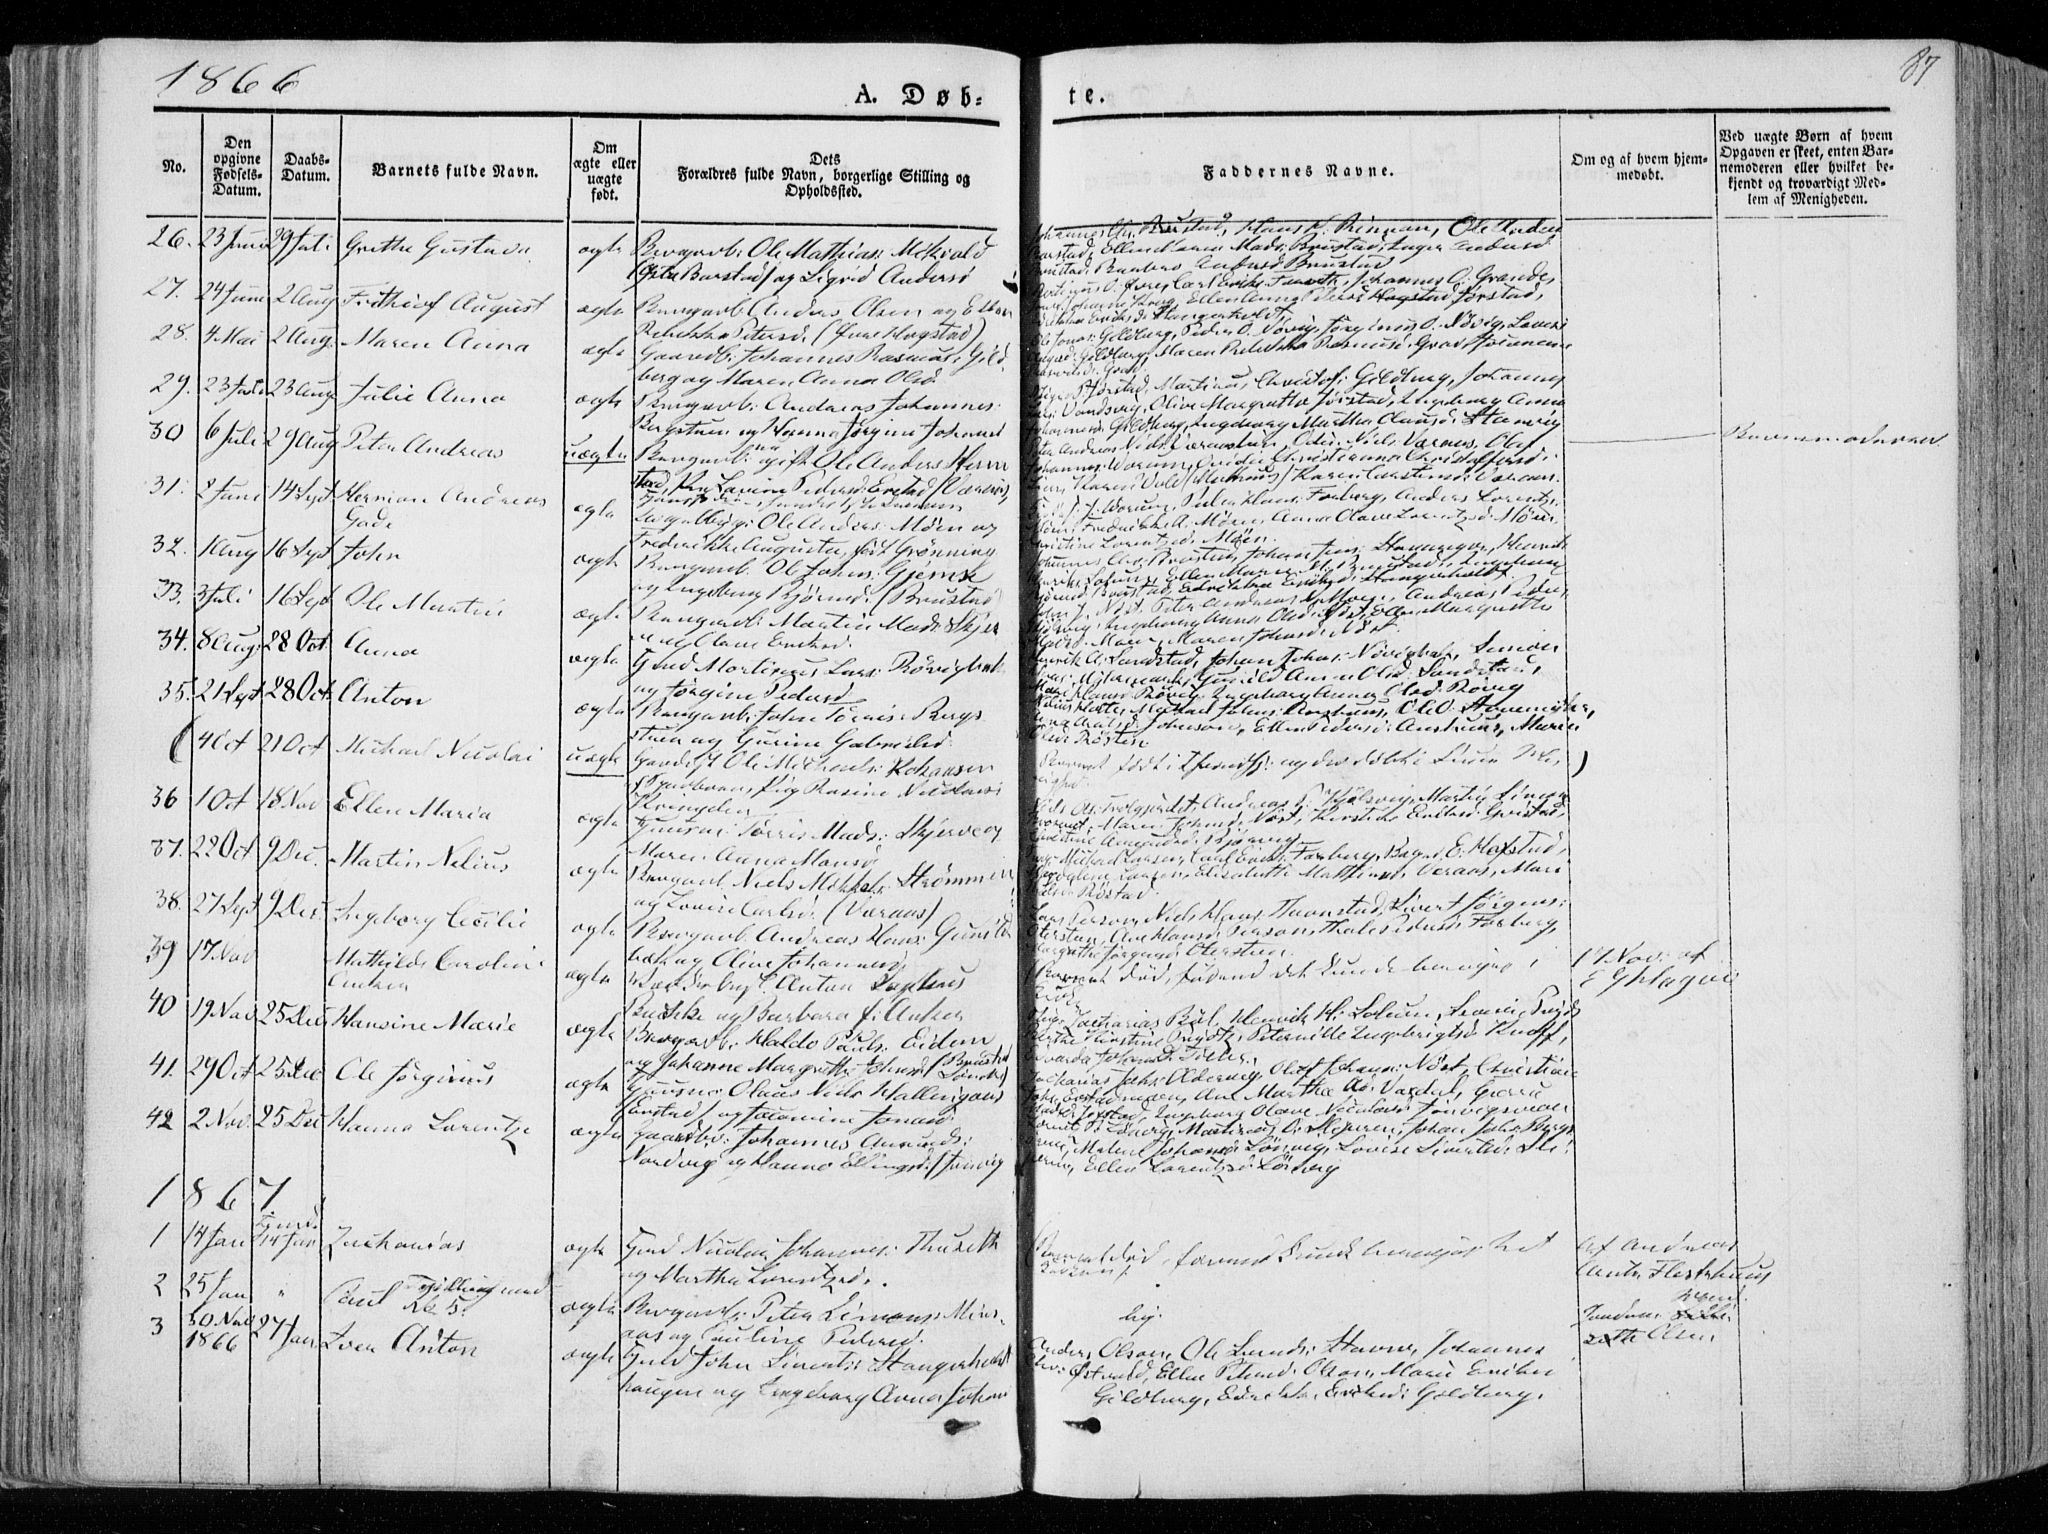 SAT, Ministerialprotokoller, klokkerbøker og fødselsregistre - Nord-Trøndelag, 722/L0218: Ministerialbok nr. 722A05, 1843-1868, s. 87